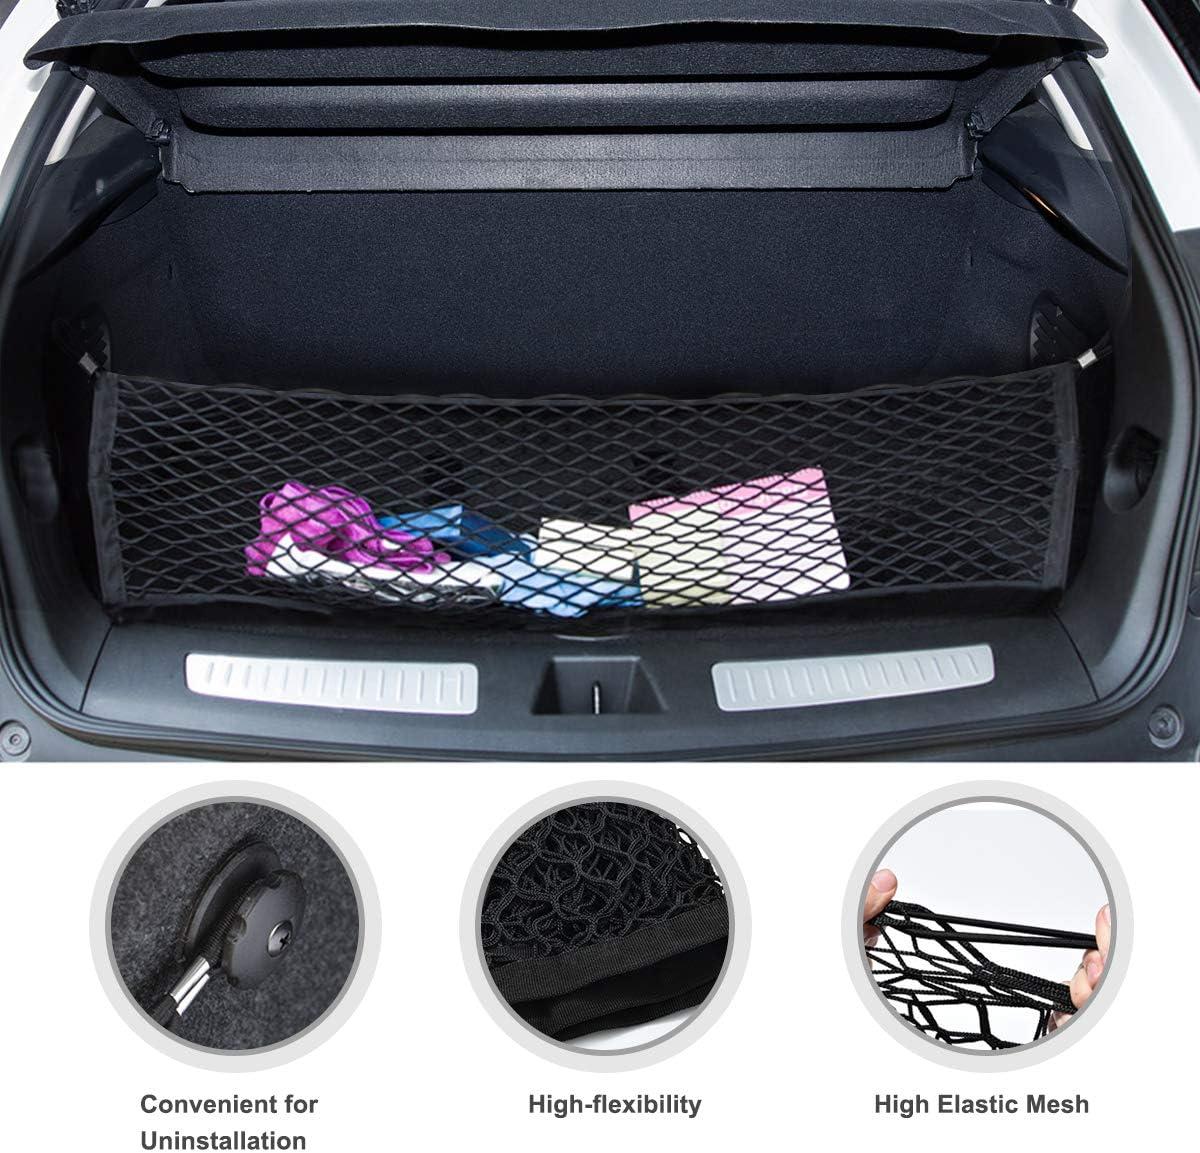 40 cm x 90 cm bolsa de almacenamiento de malla el/ástica para equipaje de ni/ños Laelr Red de almacenamiento para maletero de coche organizador de carga trasera universal